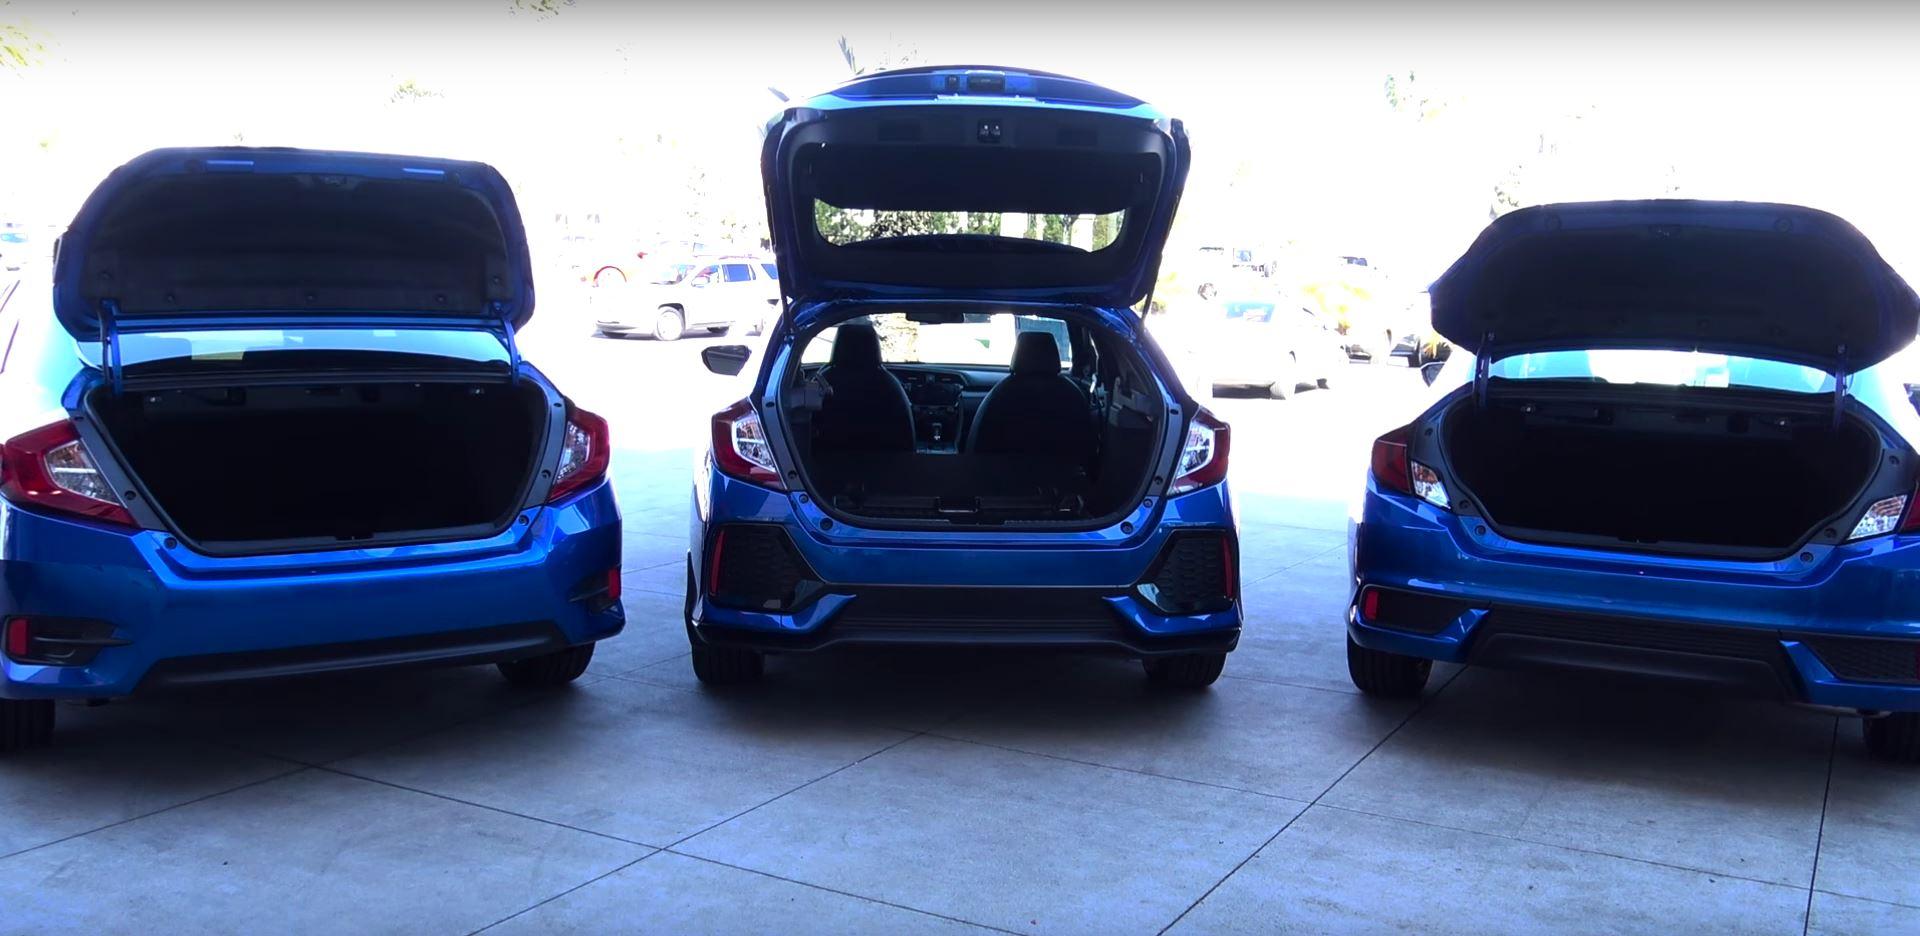 Coupe Vs Sedan Civic - 2017 Honda Civic Hatchback vs. Sedan vs. Coupe Comparison ...